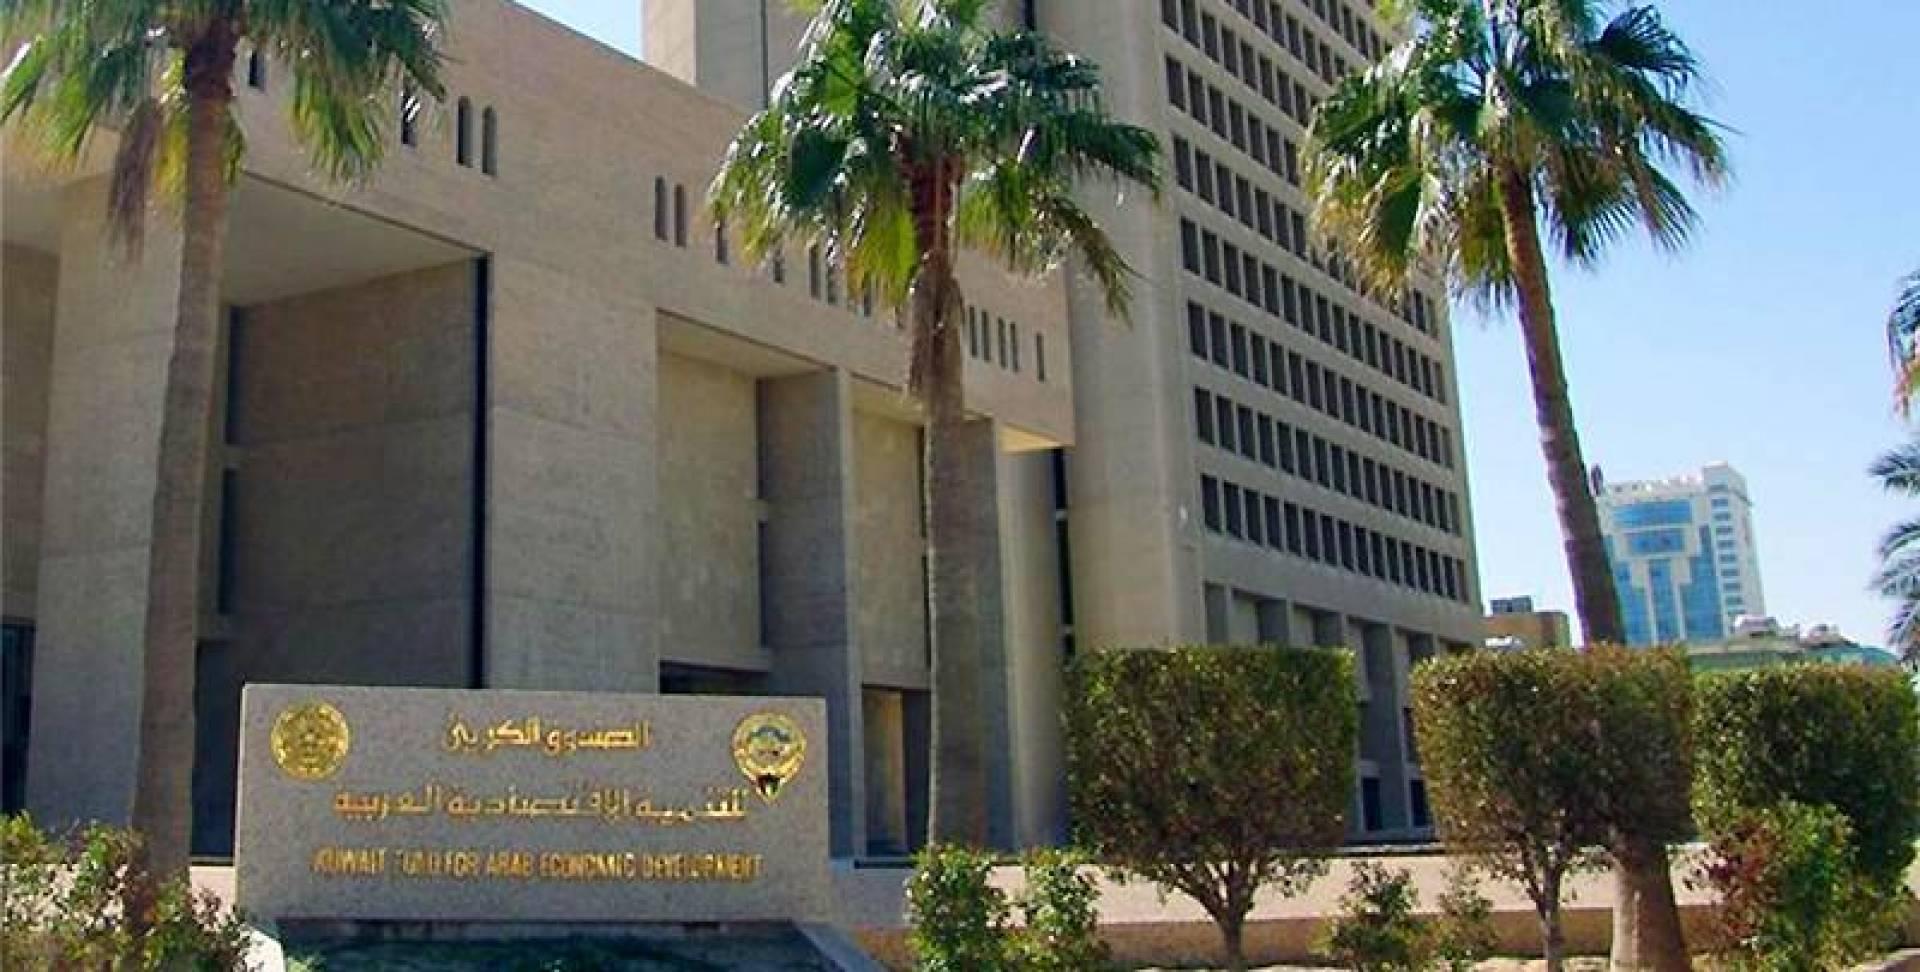 30 مليون دينار من «الصندوق الكويتي» لمواجهة تداعيات كورونا